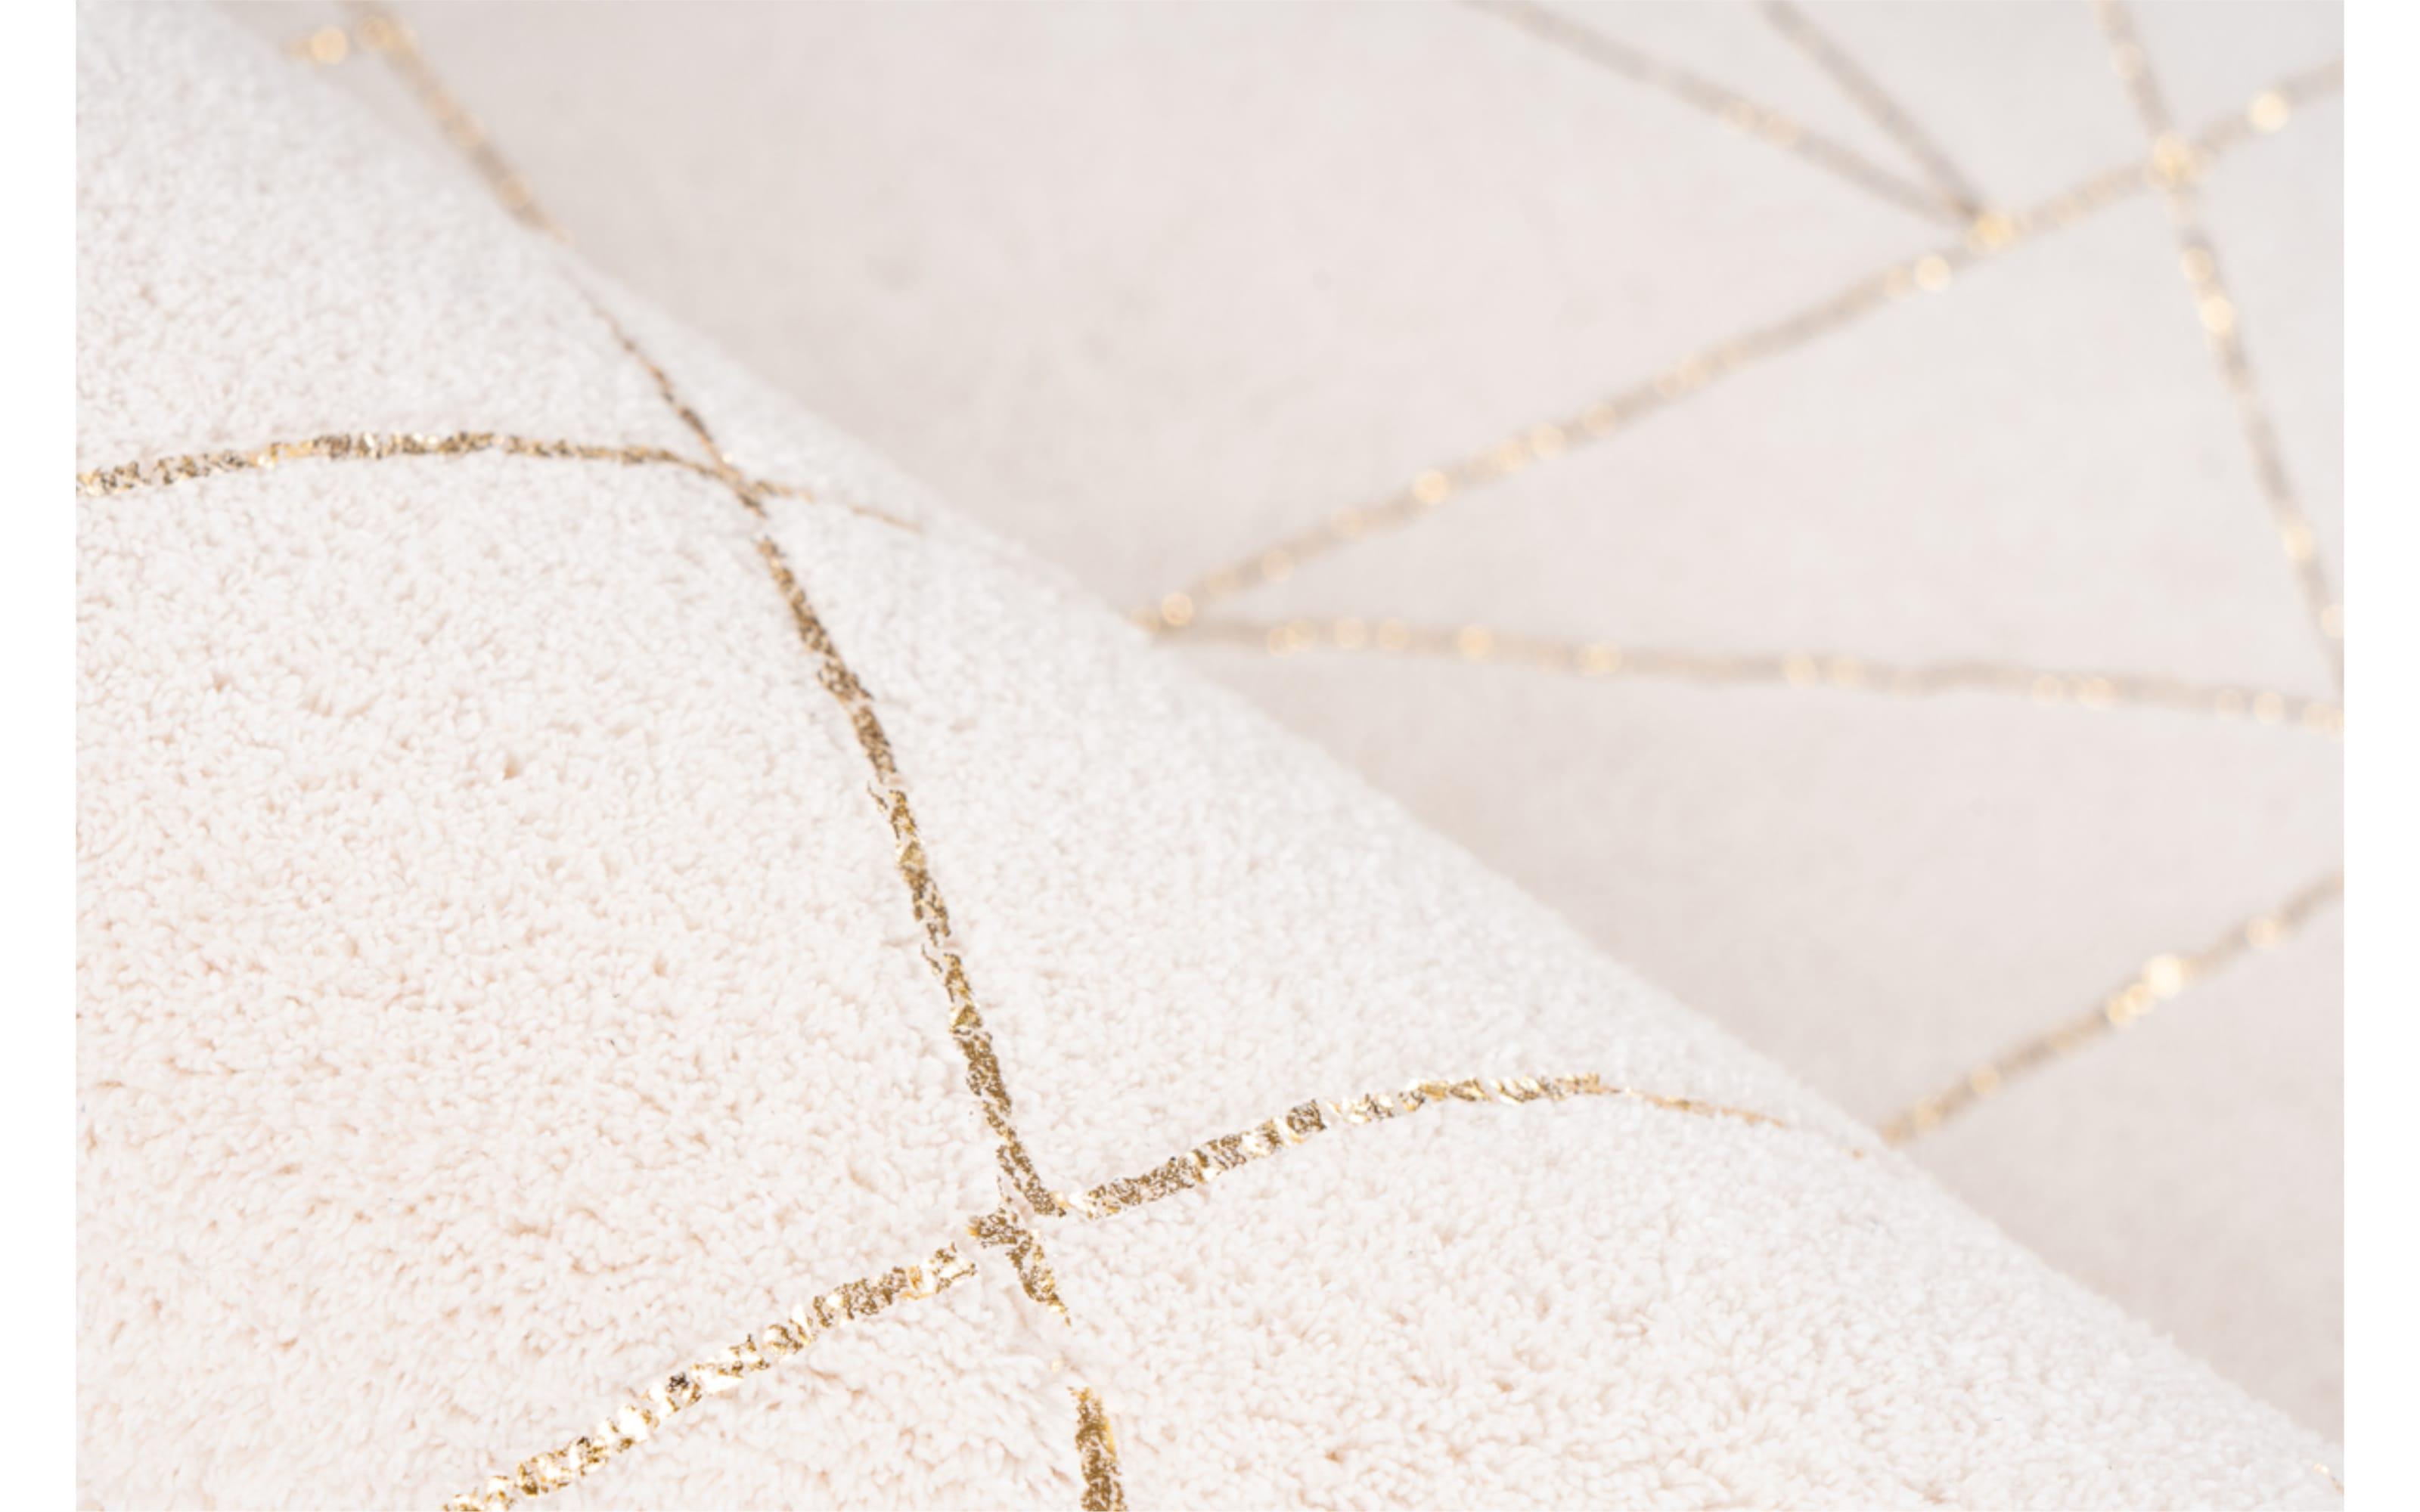 Teppich Bijou 125 in creme/gold, ca. 120 x 170 cm